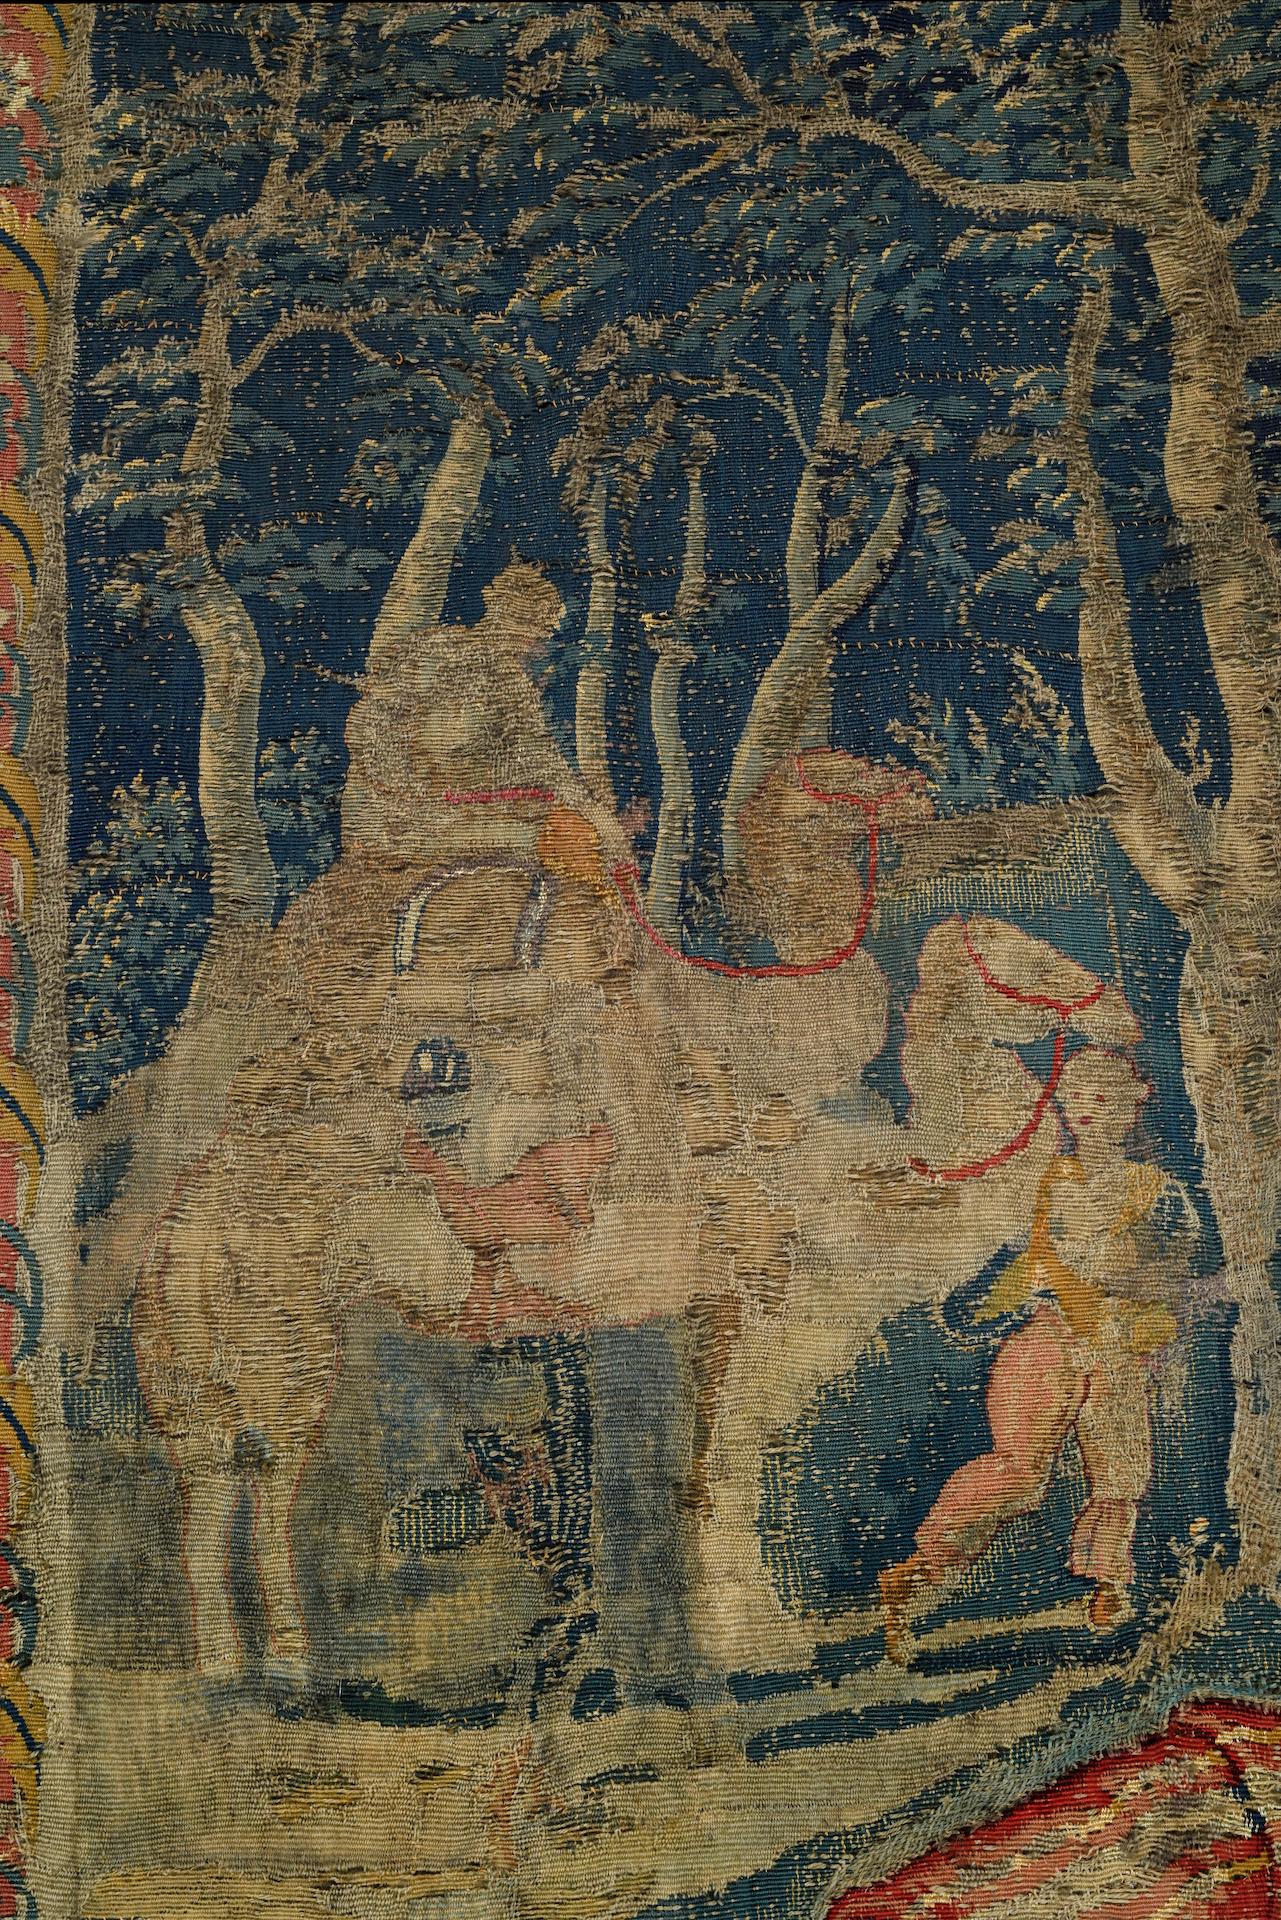 TAPISSERIE en laine et soie faisant partie d'une tenture de l'Histoire de Moïse. Au centre, Moïse, à - Image 4 of 4